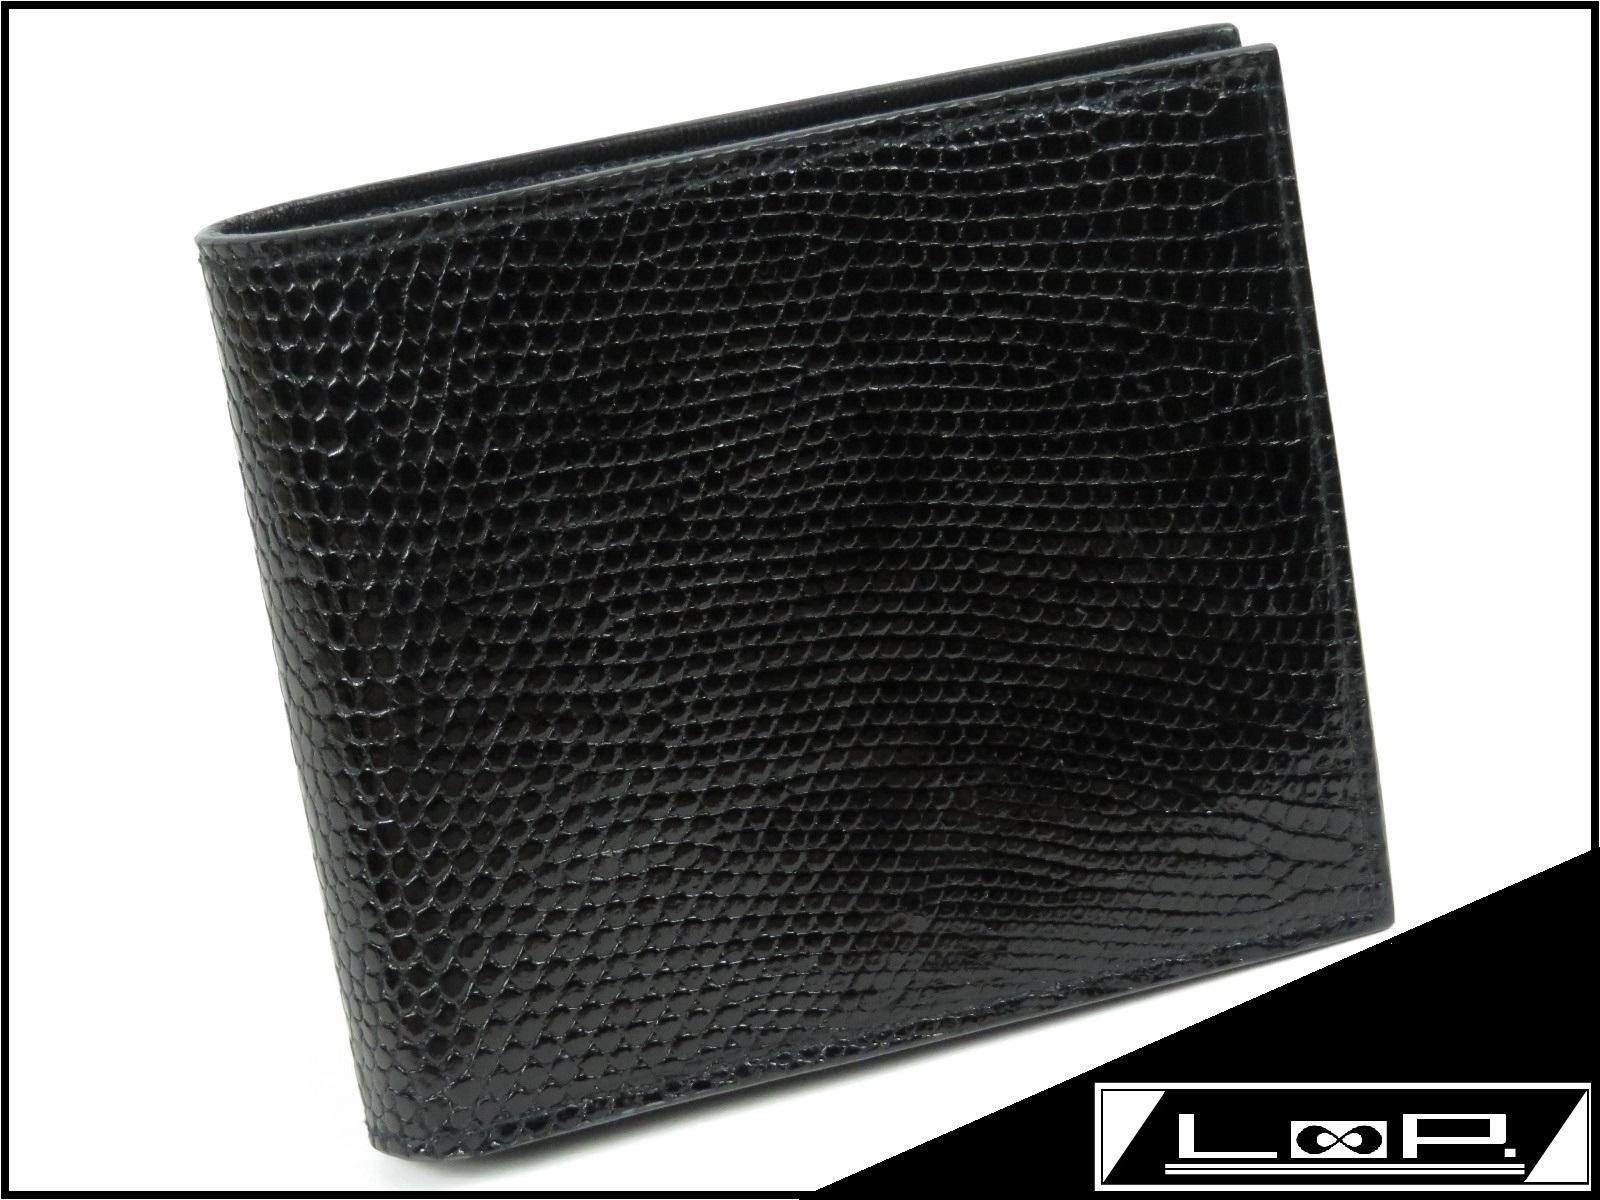 【美品】 プラダ 二つ折り 財布 サイフ 札入れ リザード レザー カーフ ブラック クロ 黒 M513 【A17755】 【中古】